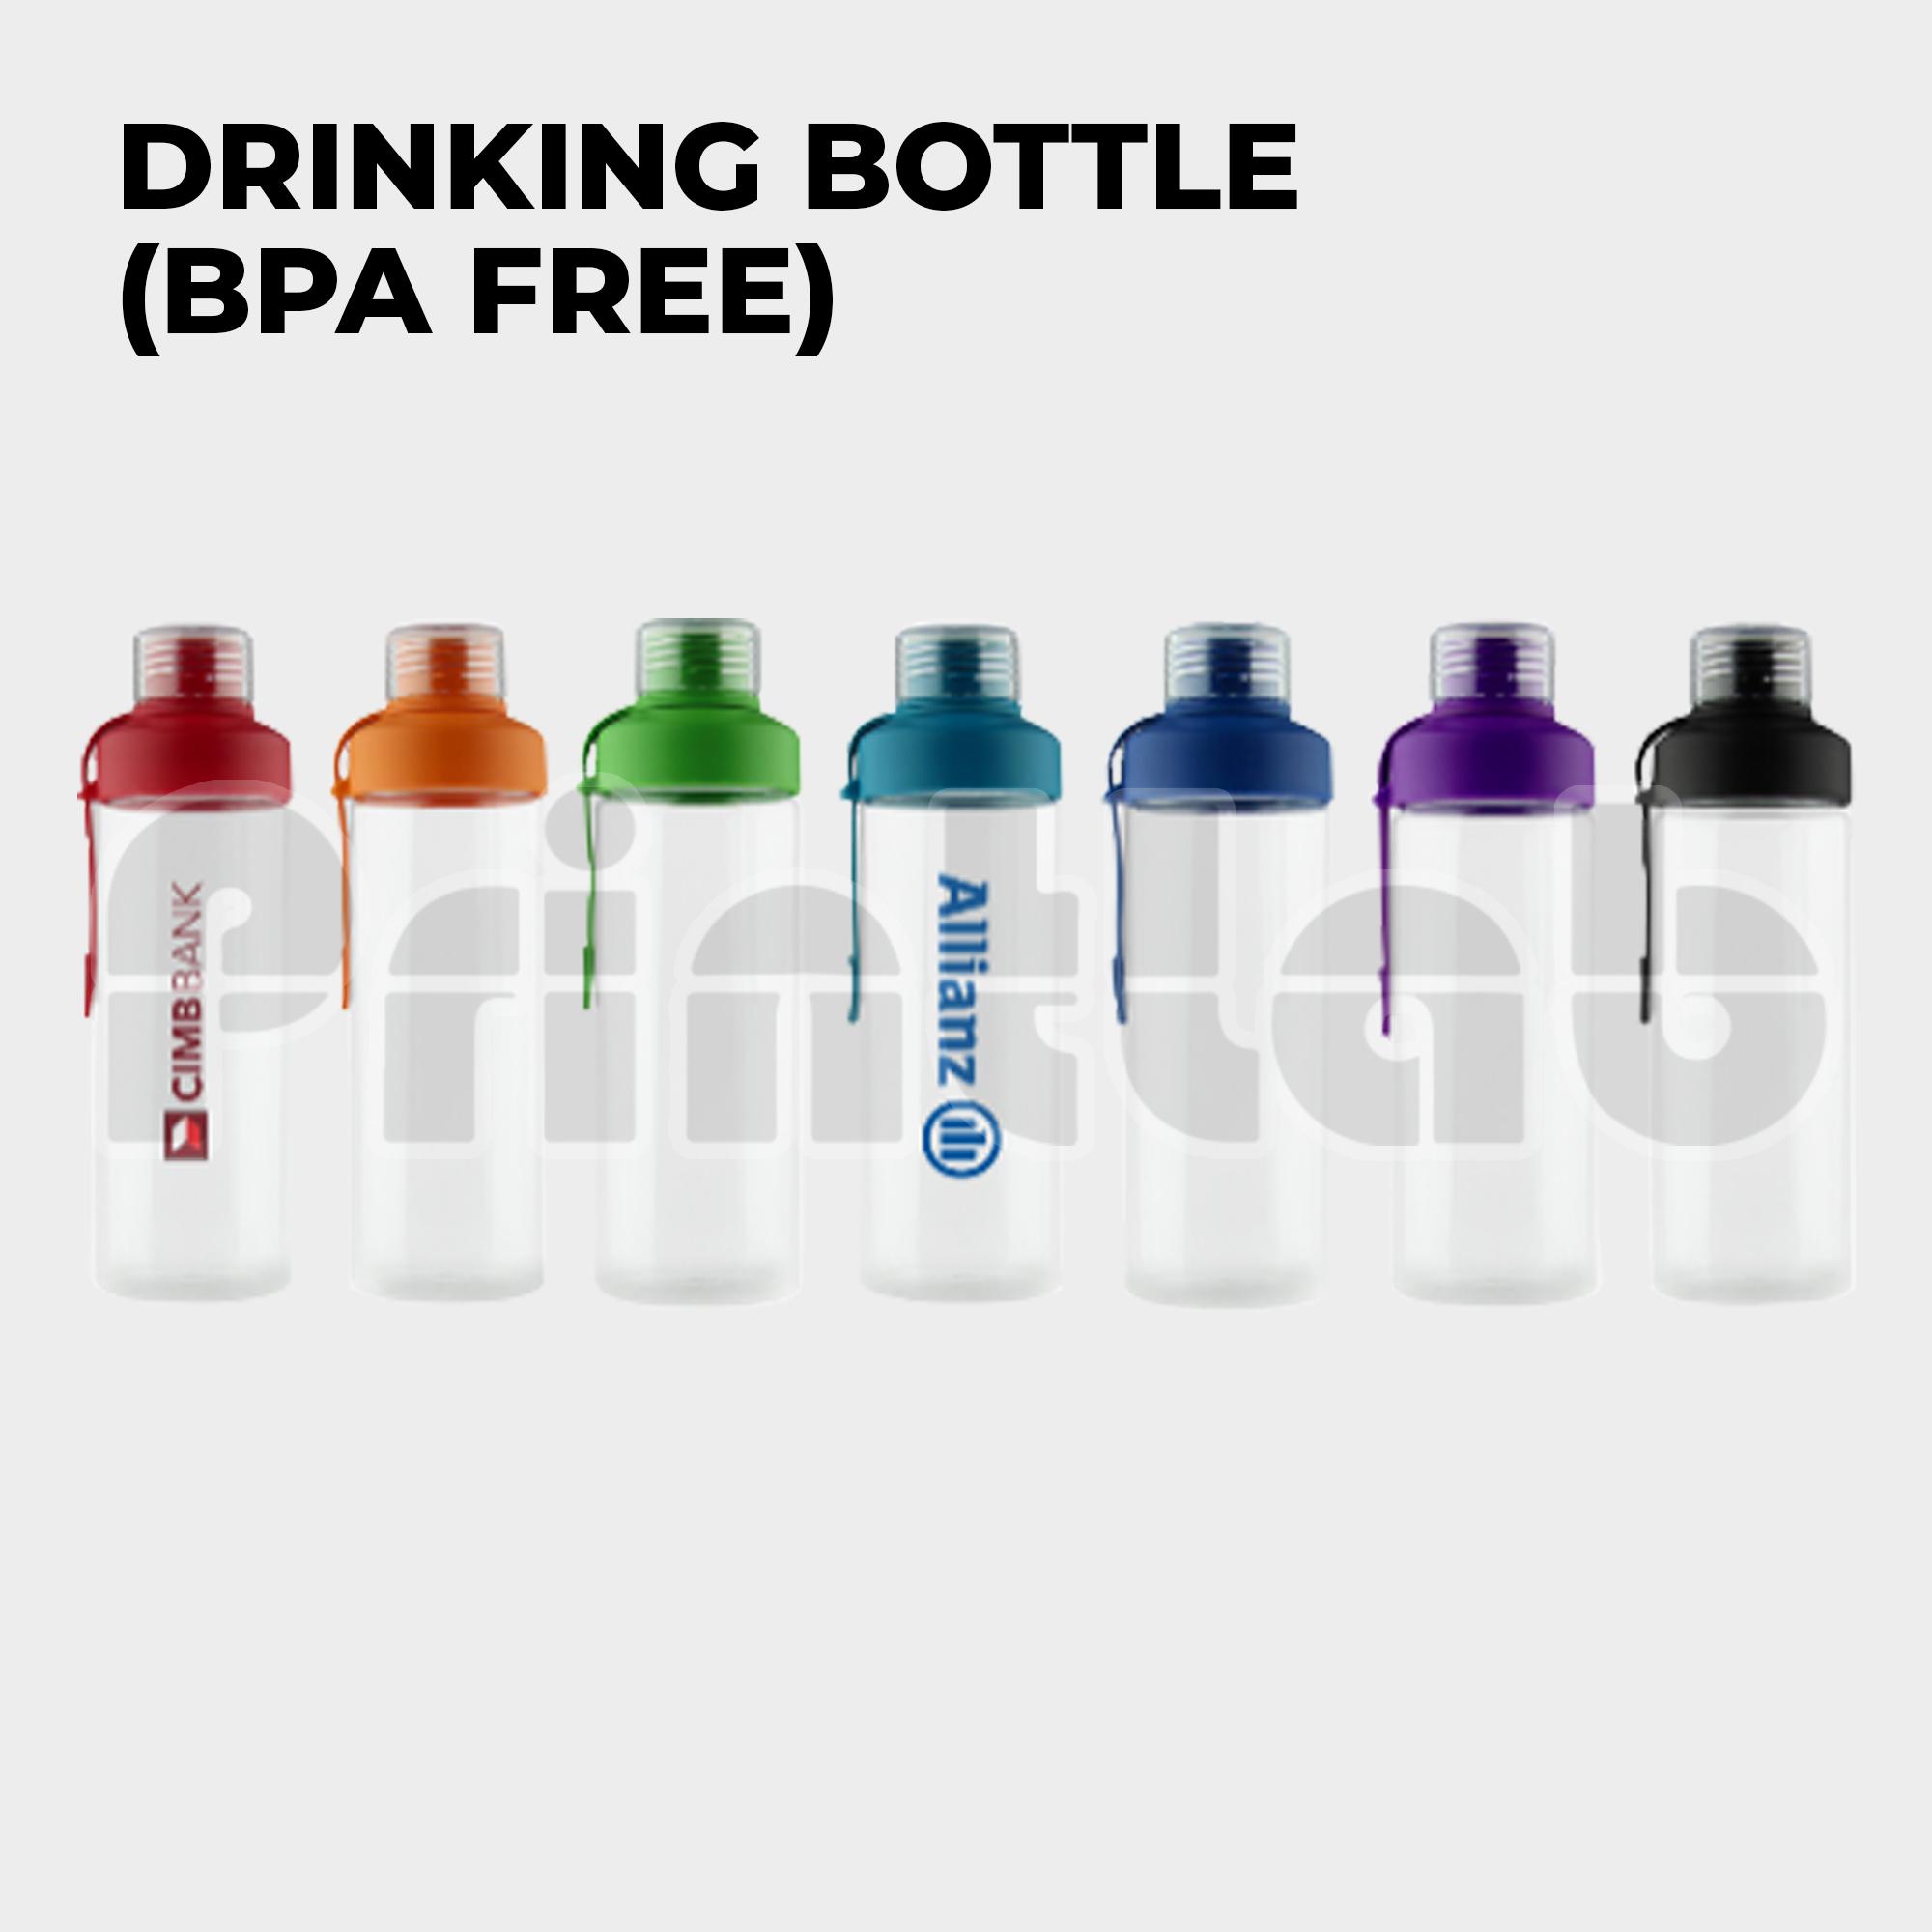 Drinking Bottle (BPA Free)